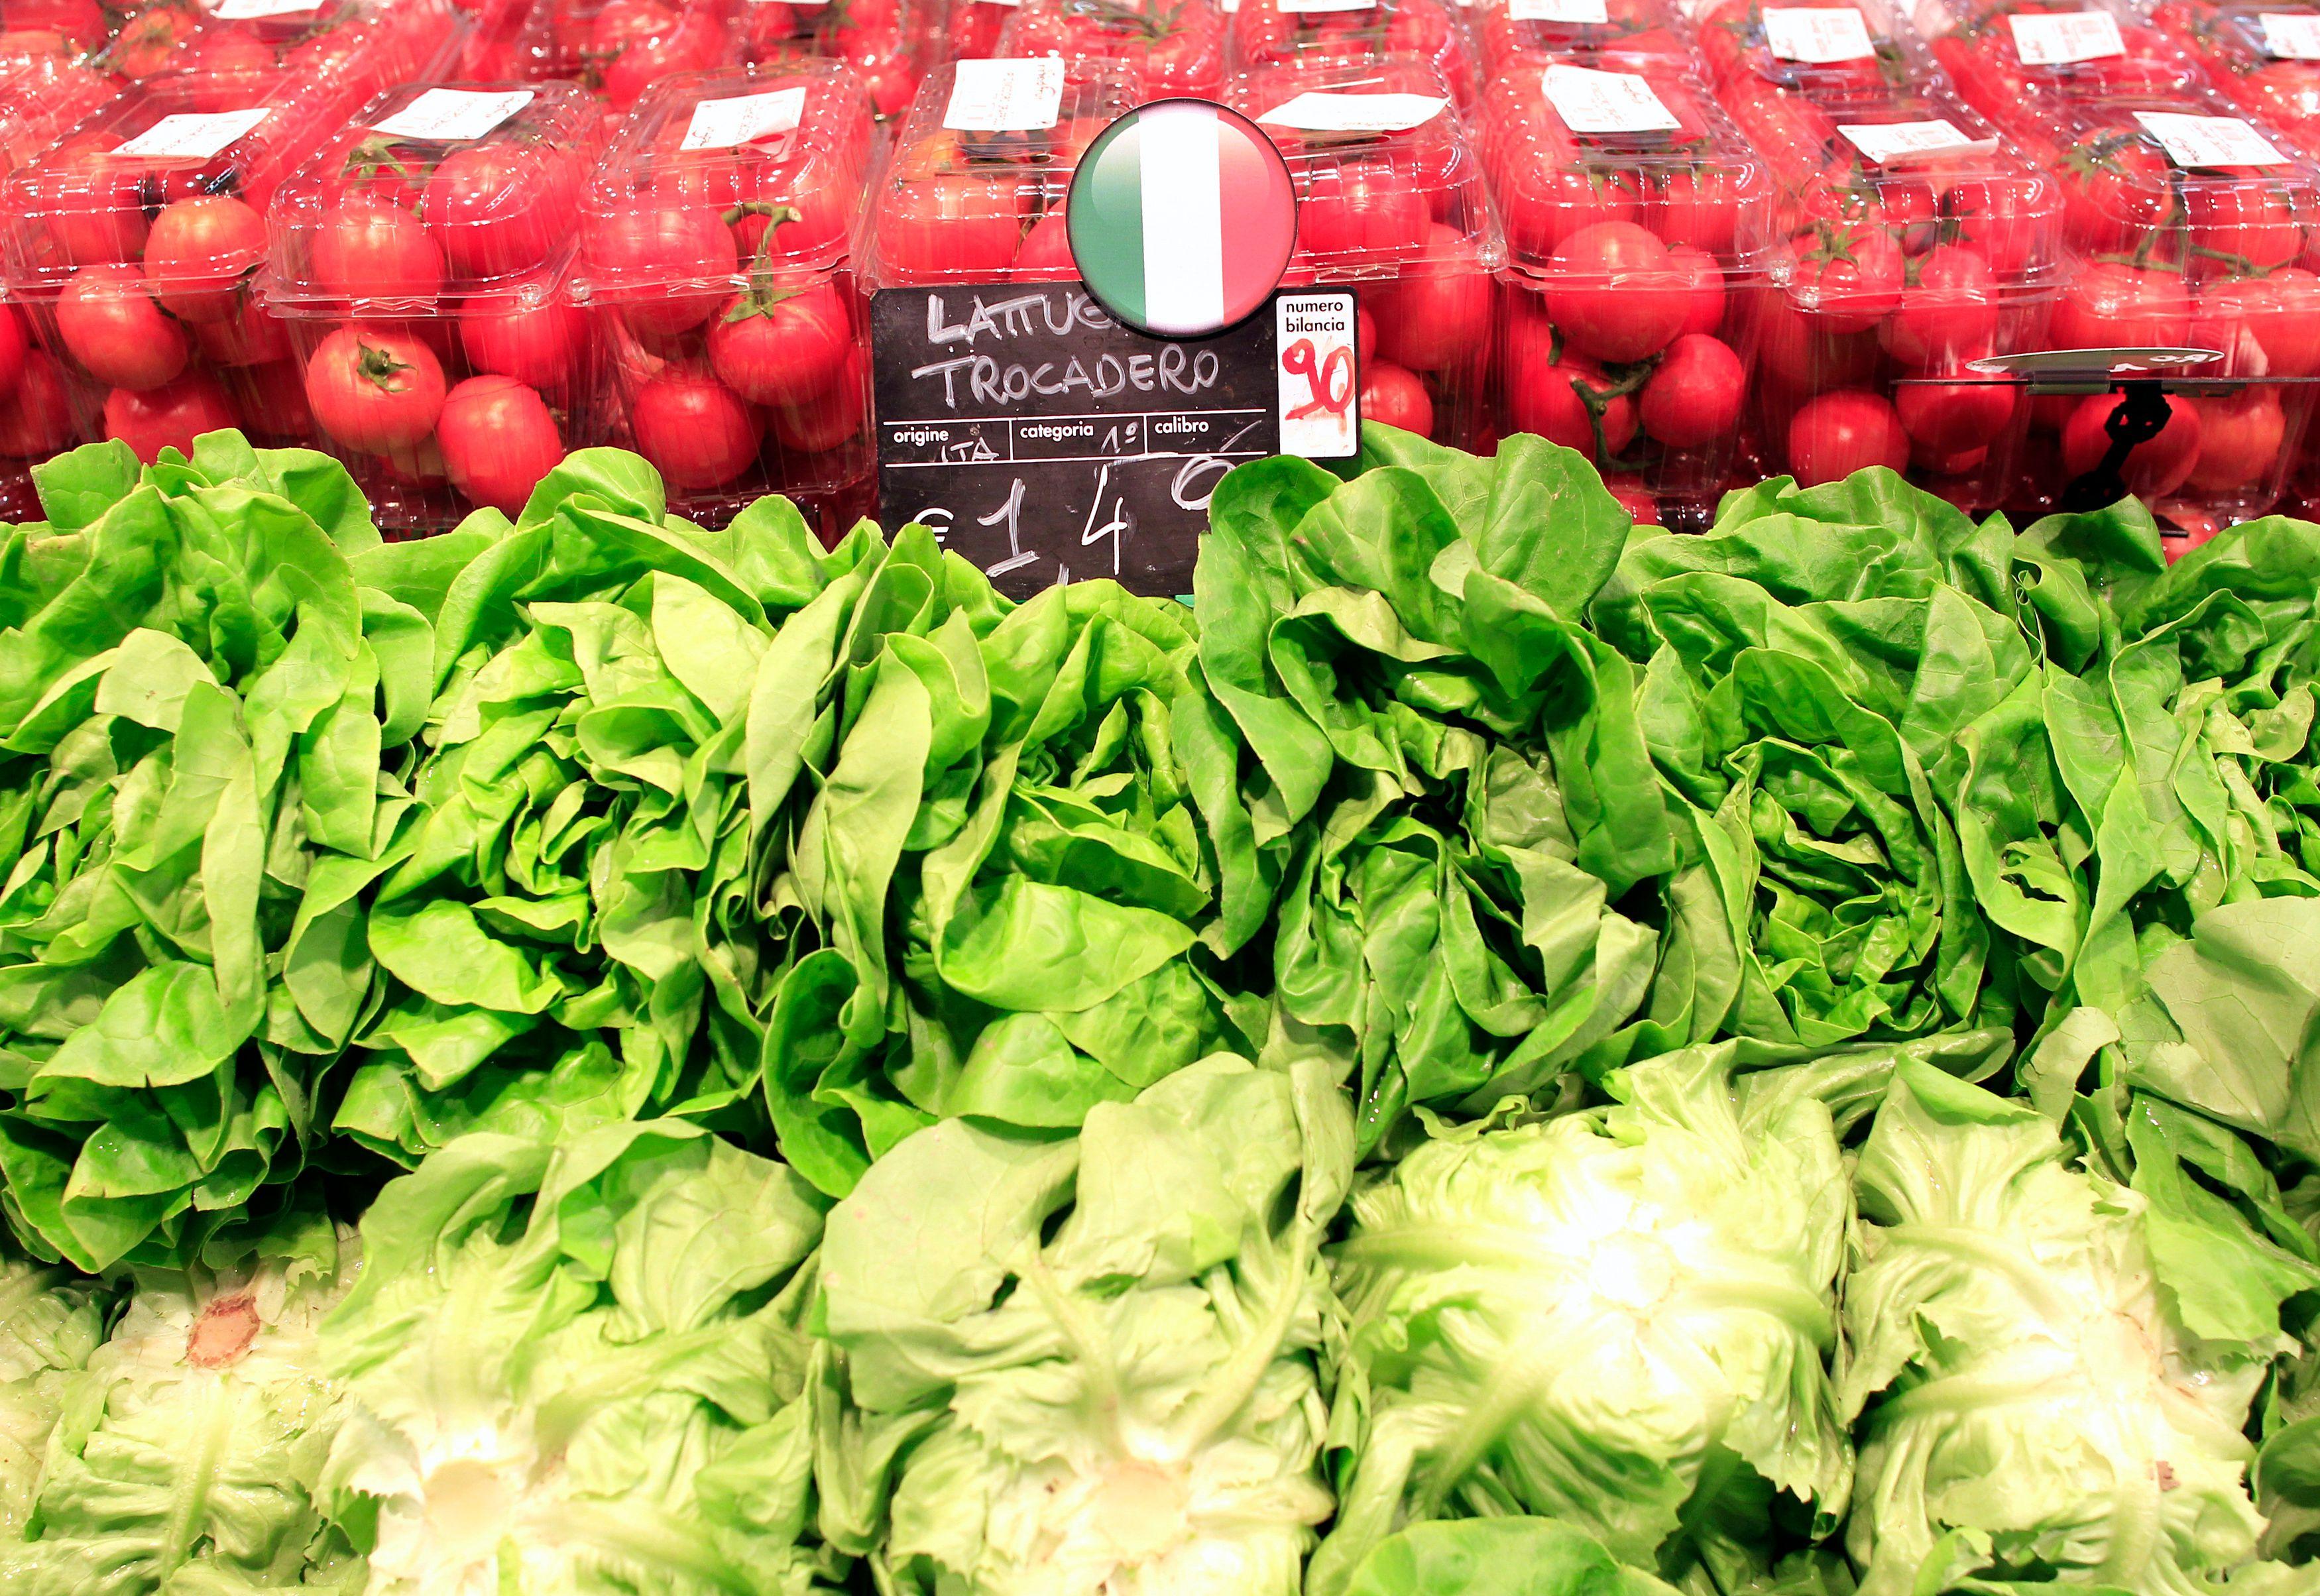 Supermarchés obsédés par les marges, légumes espagnols à bas coûts...et aux pesticides : qui souhaitons-nous vraiment financer avec notre argent ?